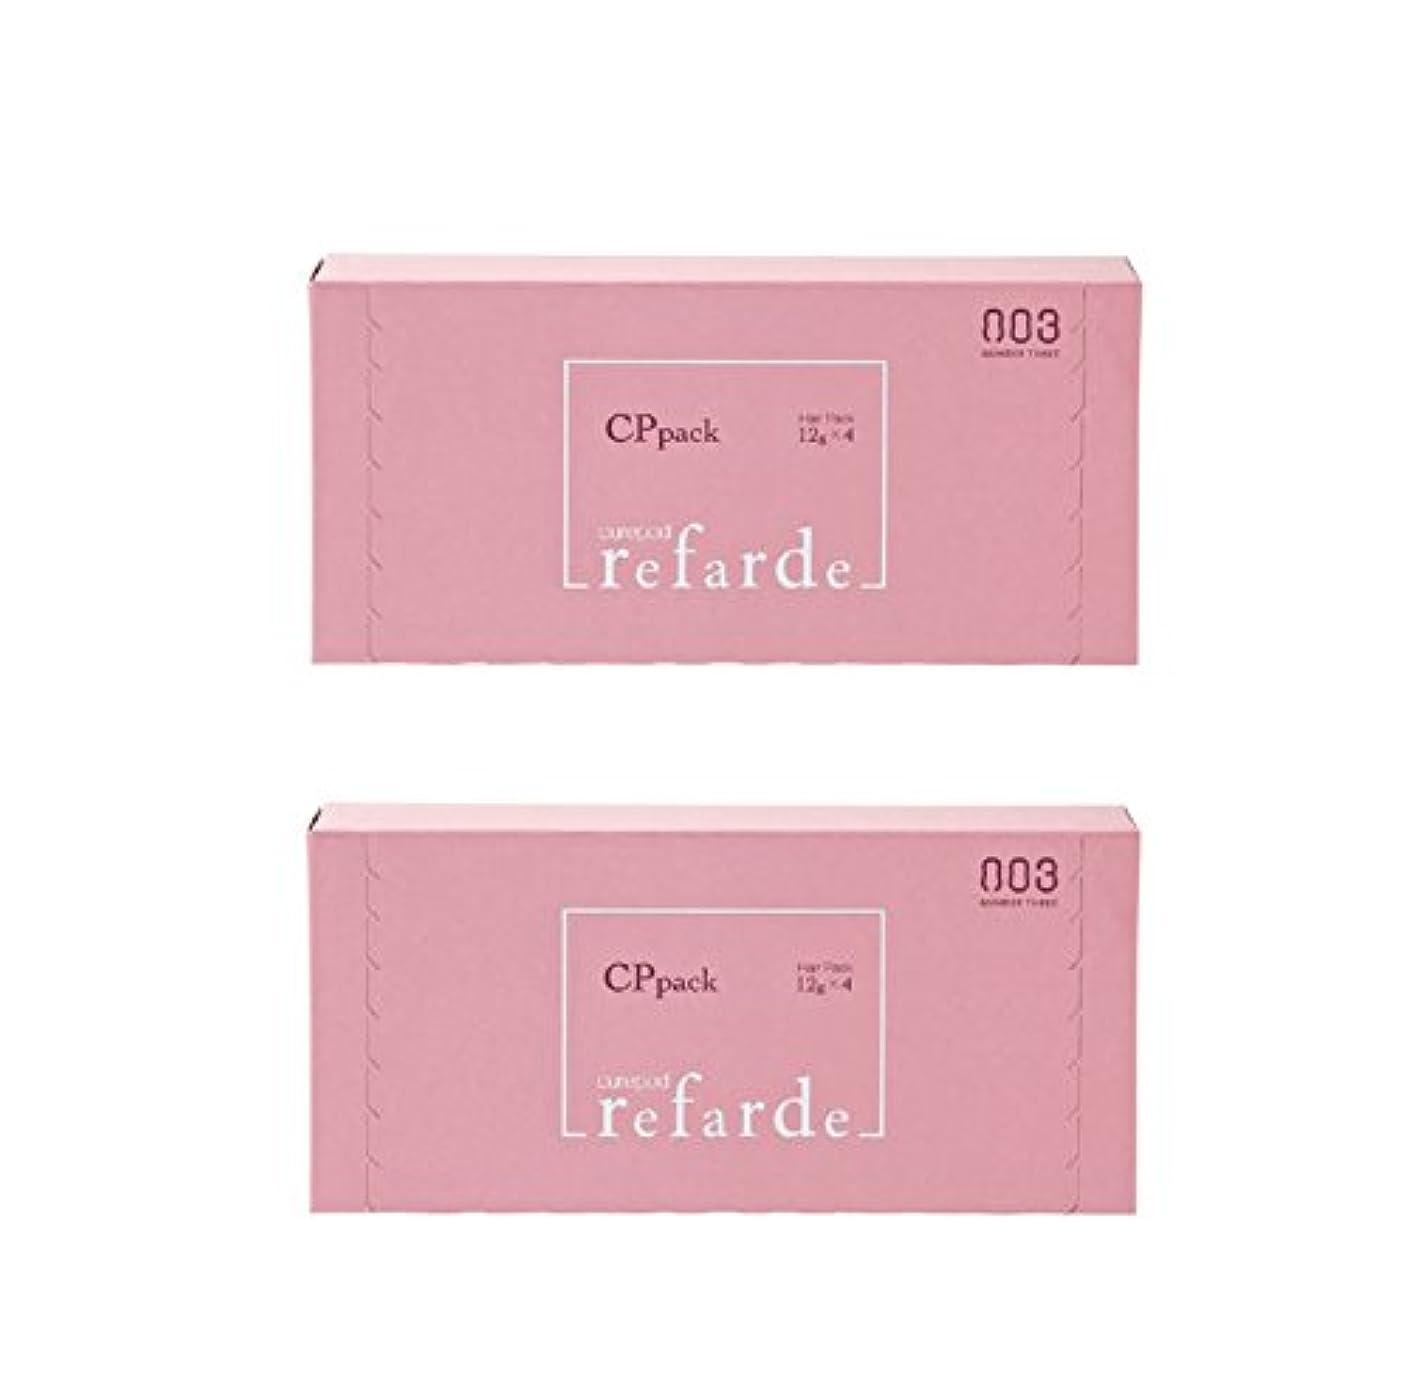 冷凍庫懐疑論割り込み【X2個セット】 ナンバースリー ルファルデ CPパック 12g×4包